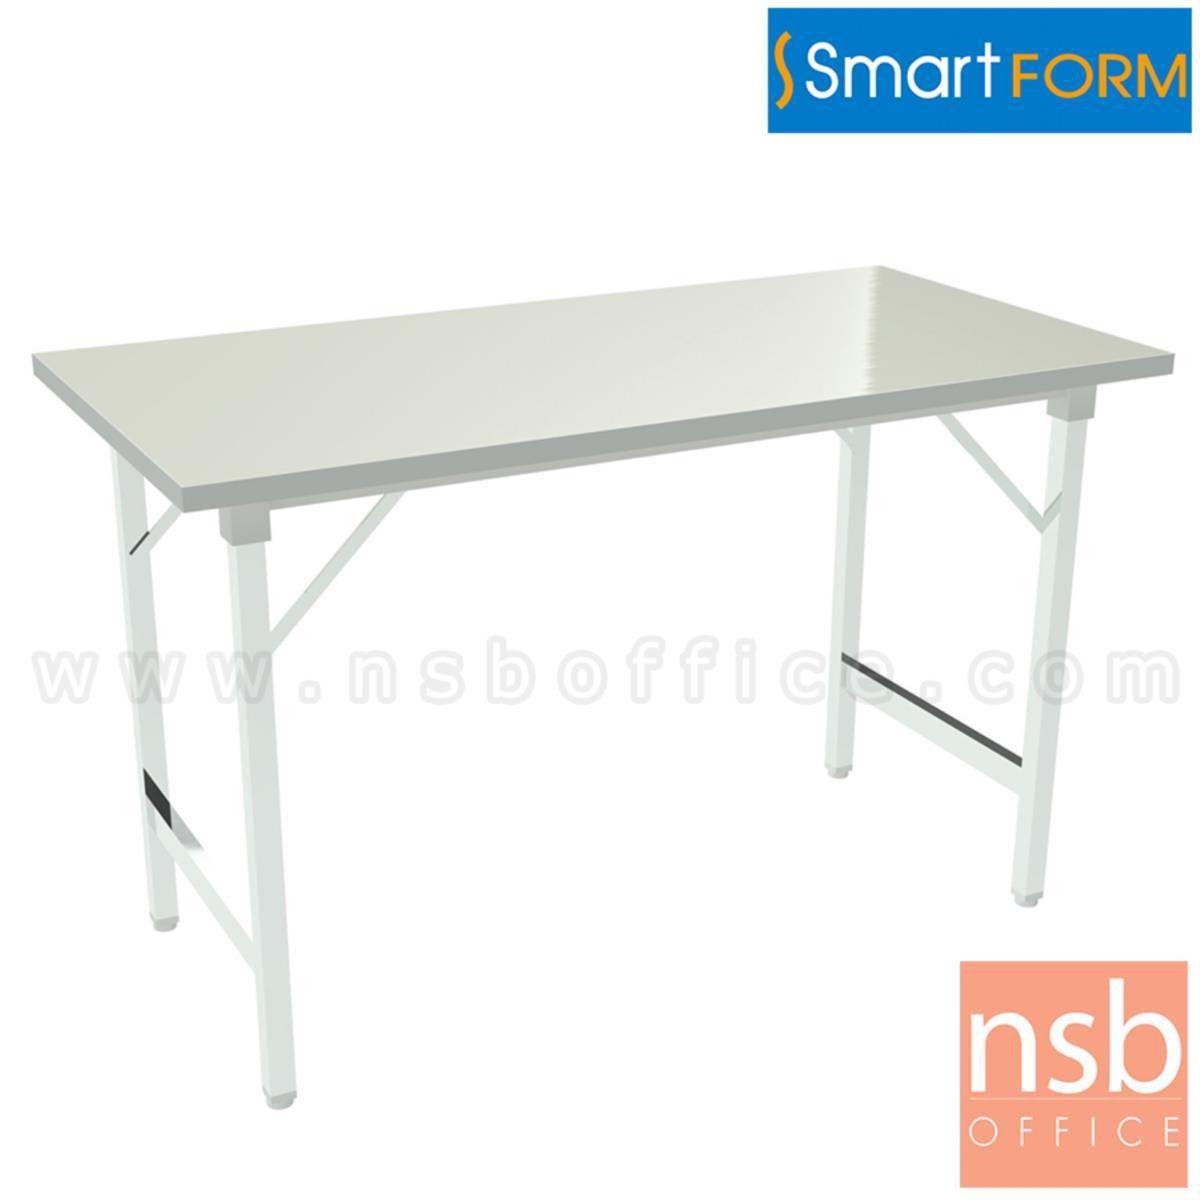 โต๊ะพับหน้าเหล็ก  ขนาด 150W, 180W (*75D) cm  ขาเหล็กชุบโครเมี่ยม